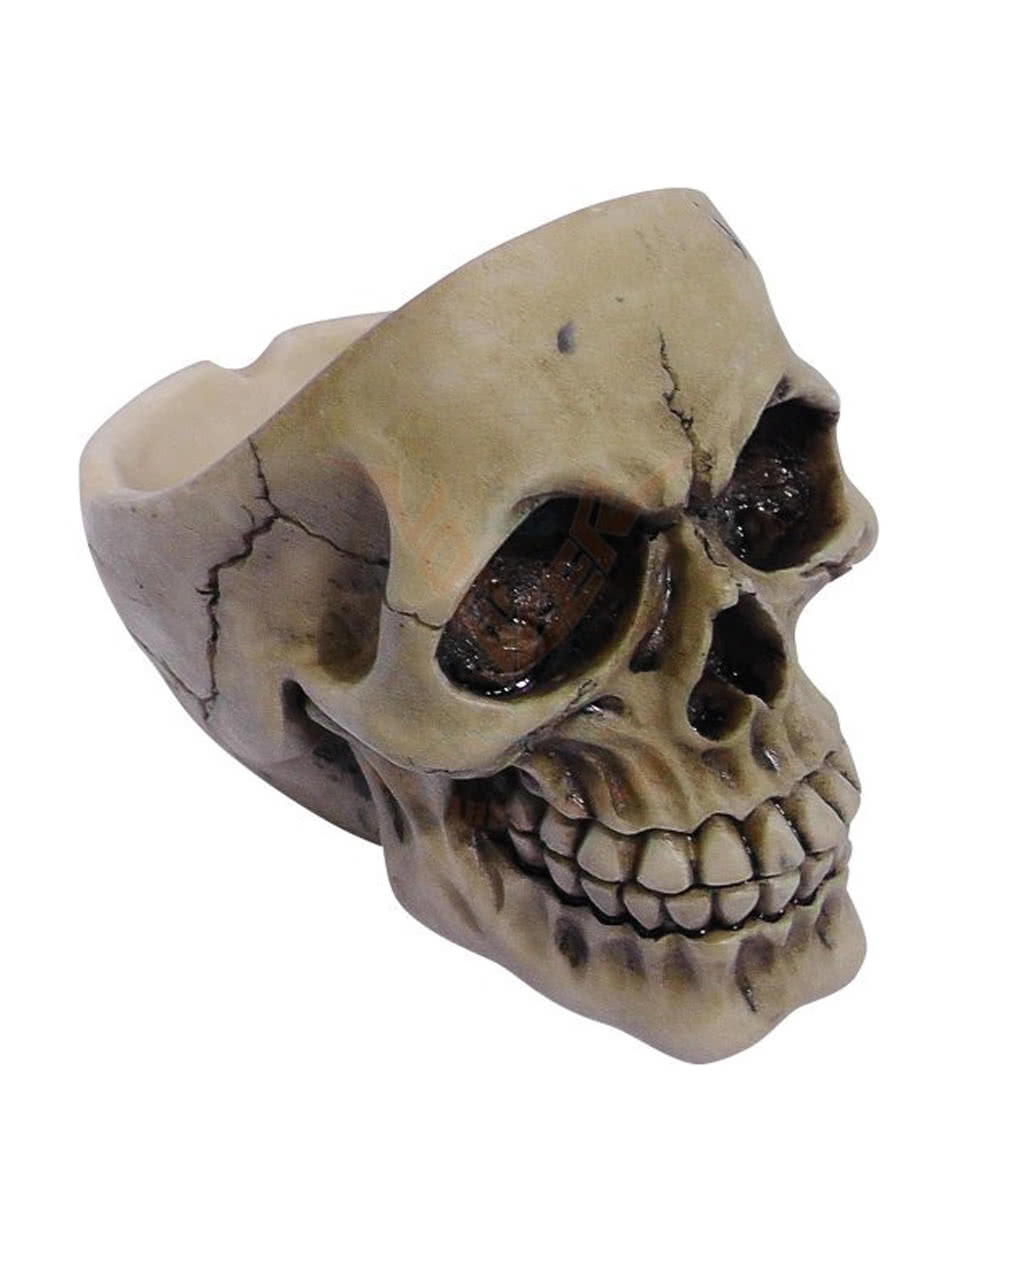 Totenkopf Aschenbecher Geschenkidee Horror Shop Com